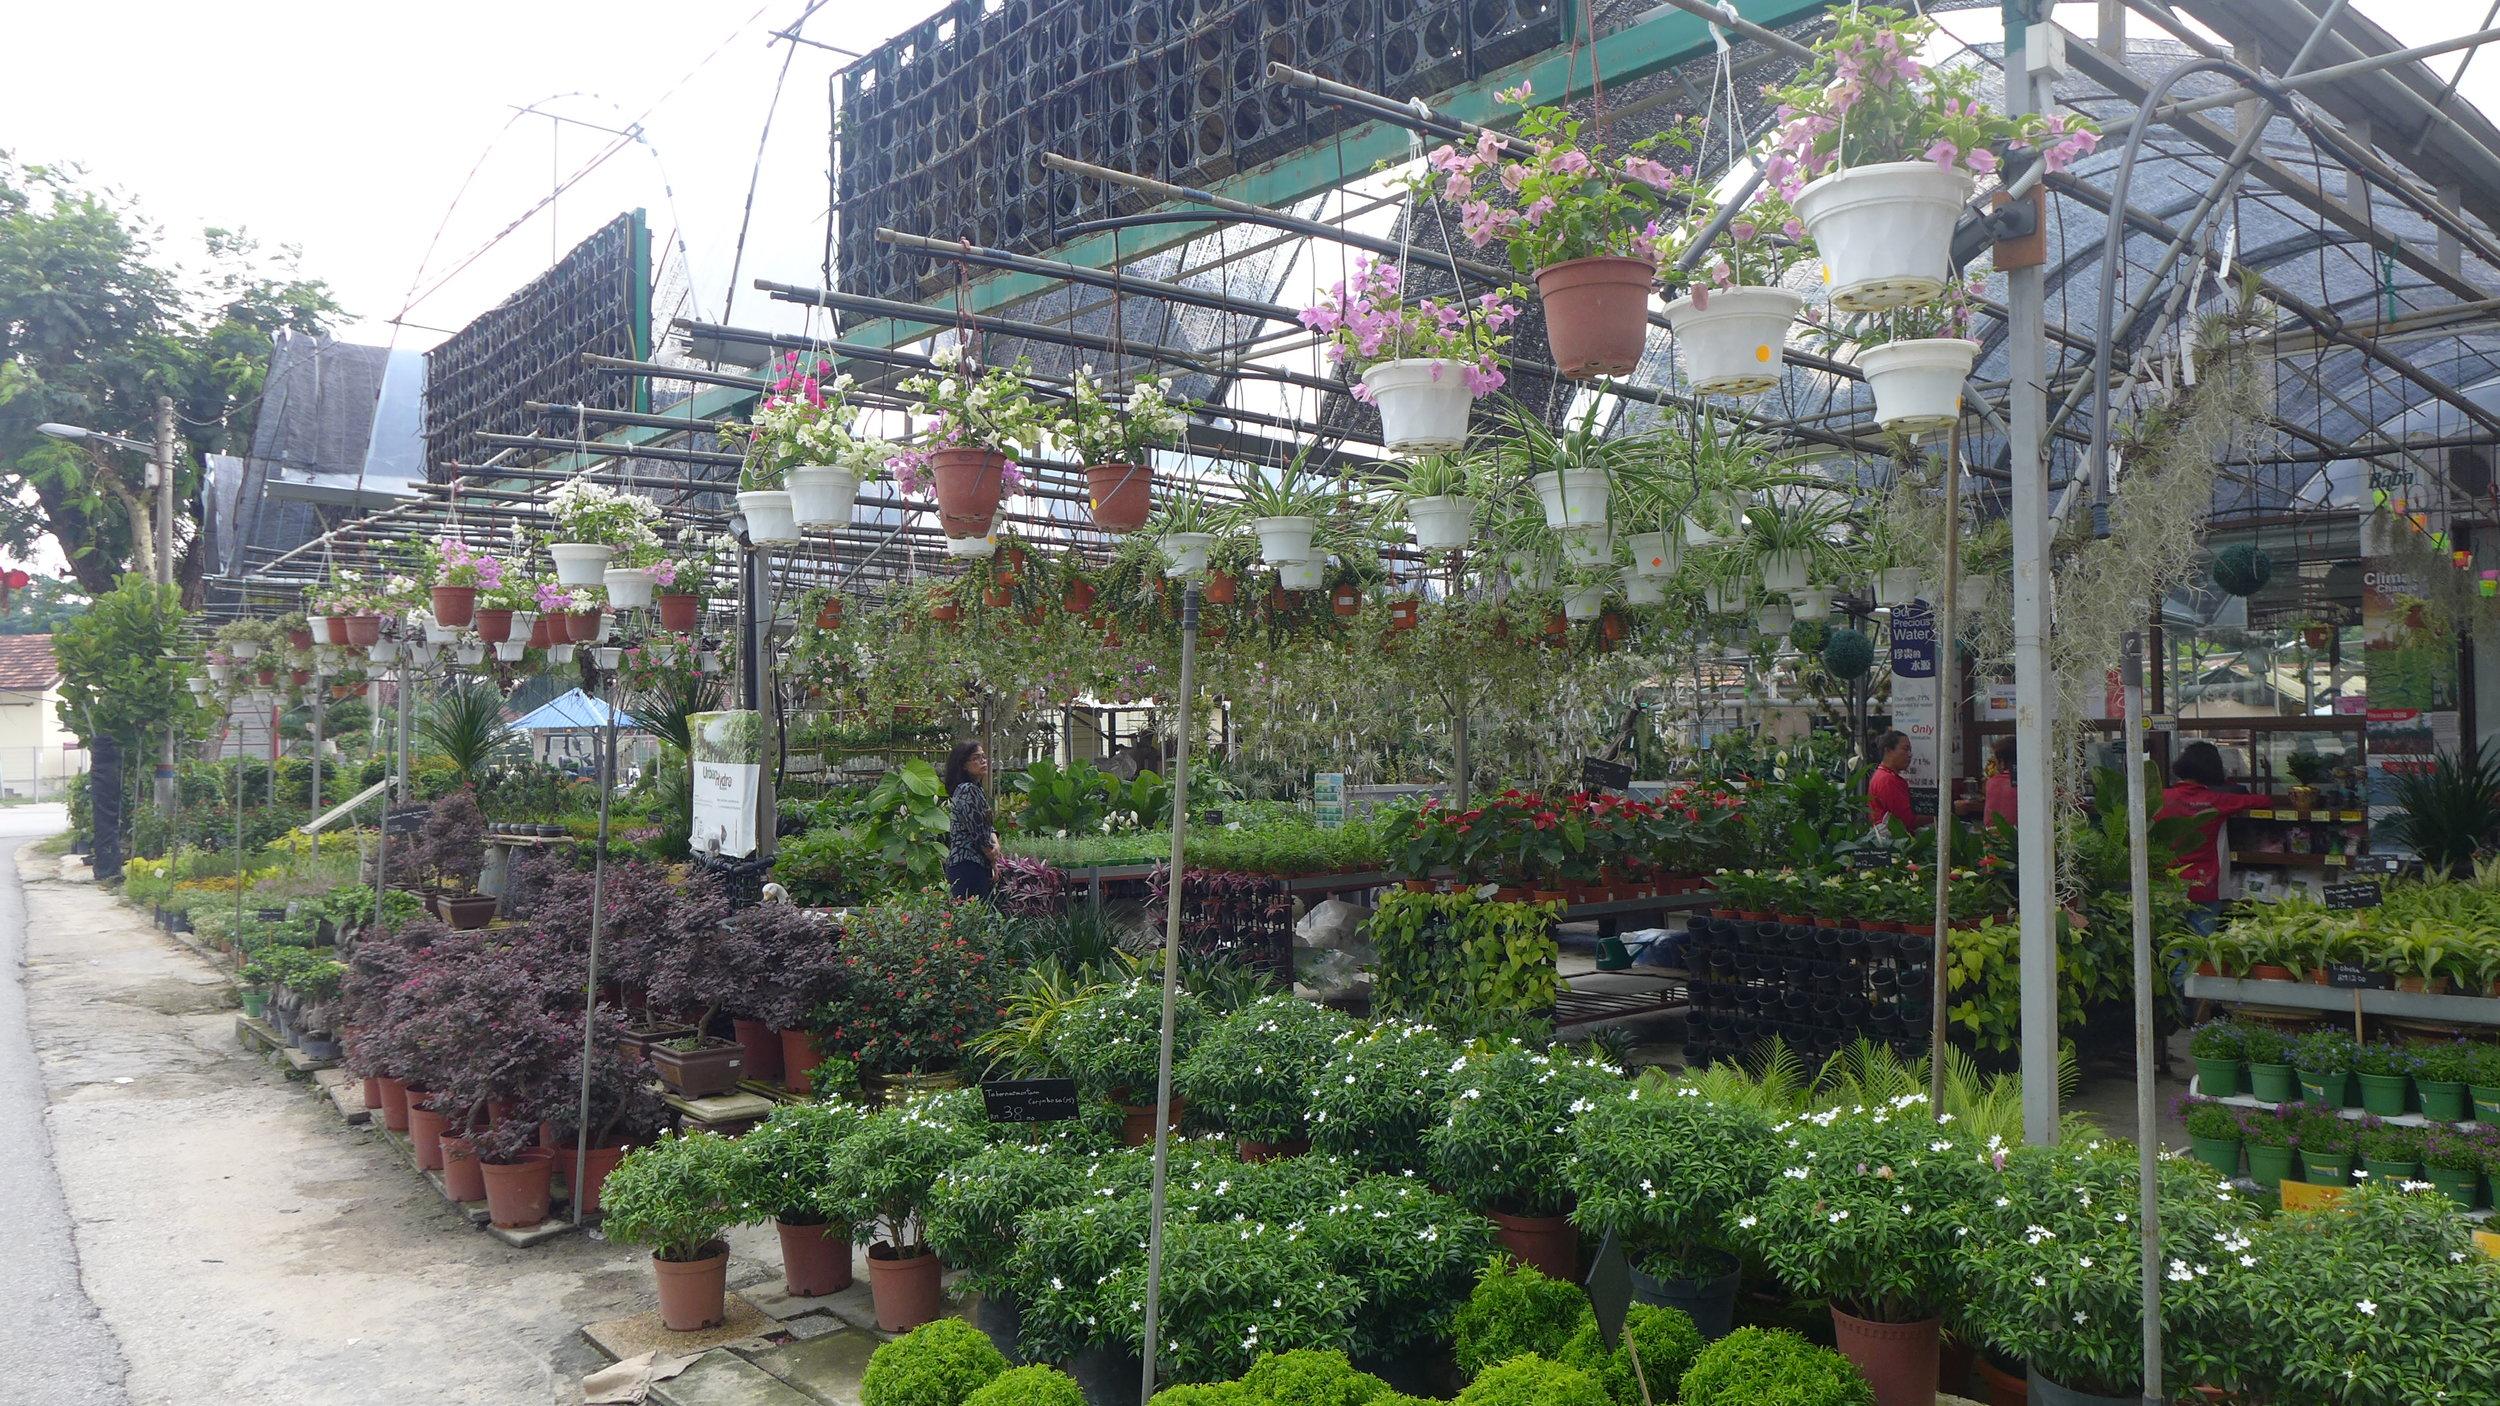 在院区其中一个花圃摆卖的各色鲜生花与观景植物。(陈彦妮 摄)